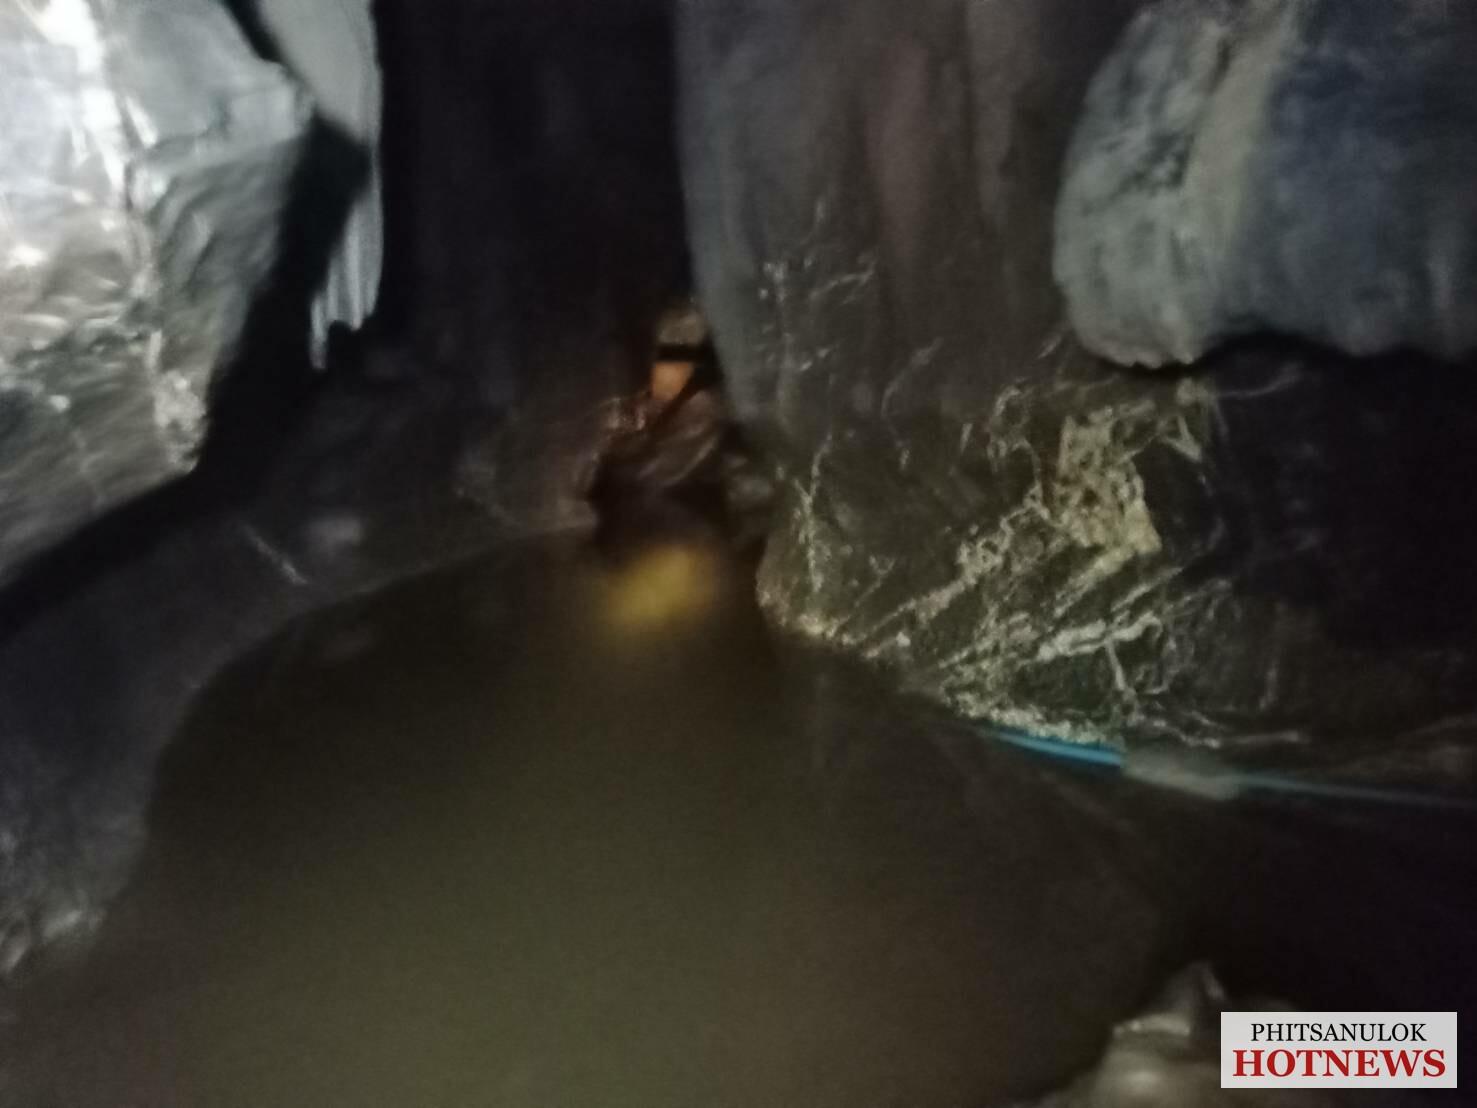 พระติดในถ้ำพระไทรงาม อ.เนินมะปราง 3 วัน ฝนตกหนักน้ำท่วมออกไม่ได้ -  Phitsanulok Hotnews